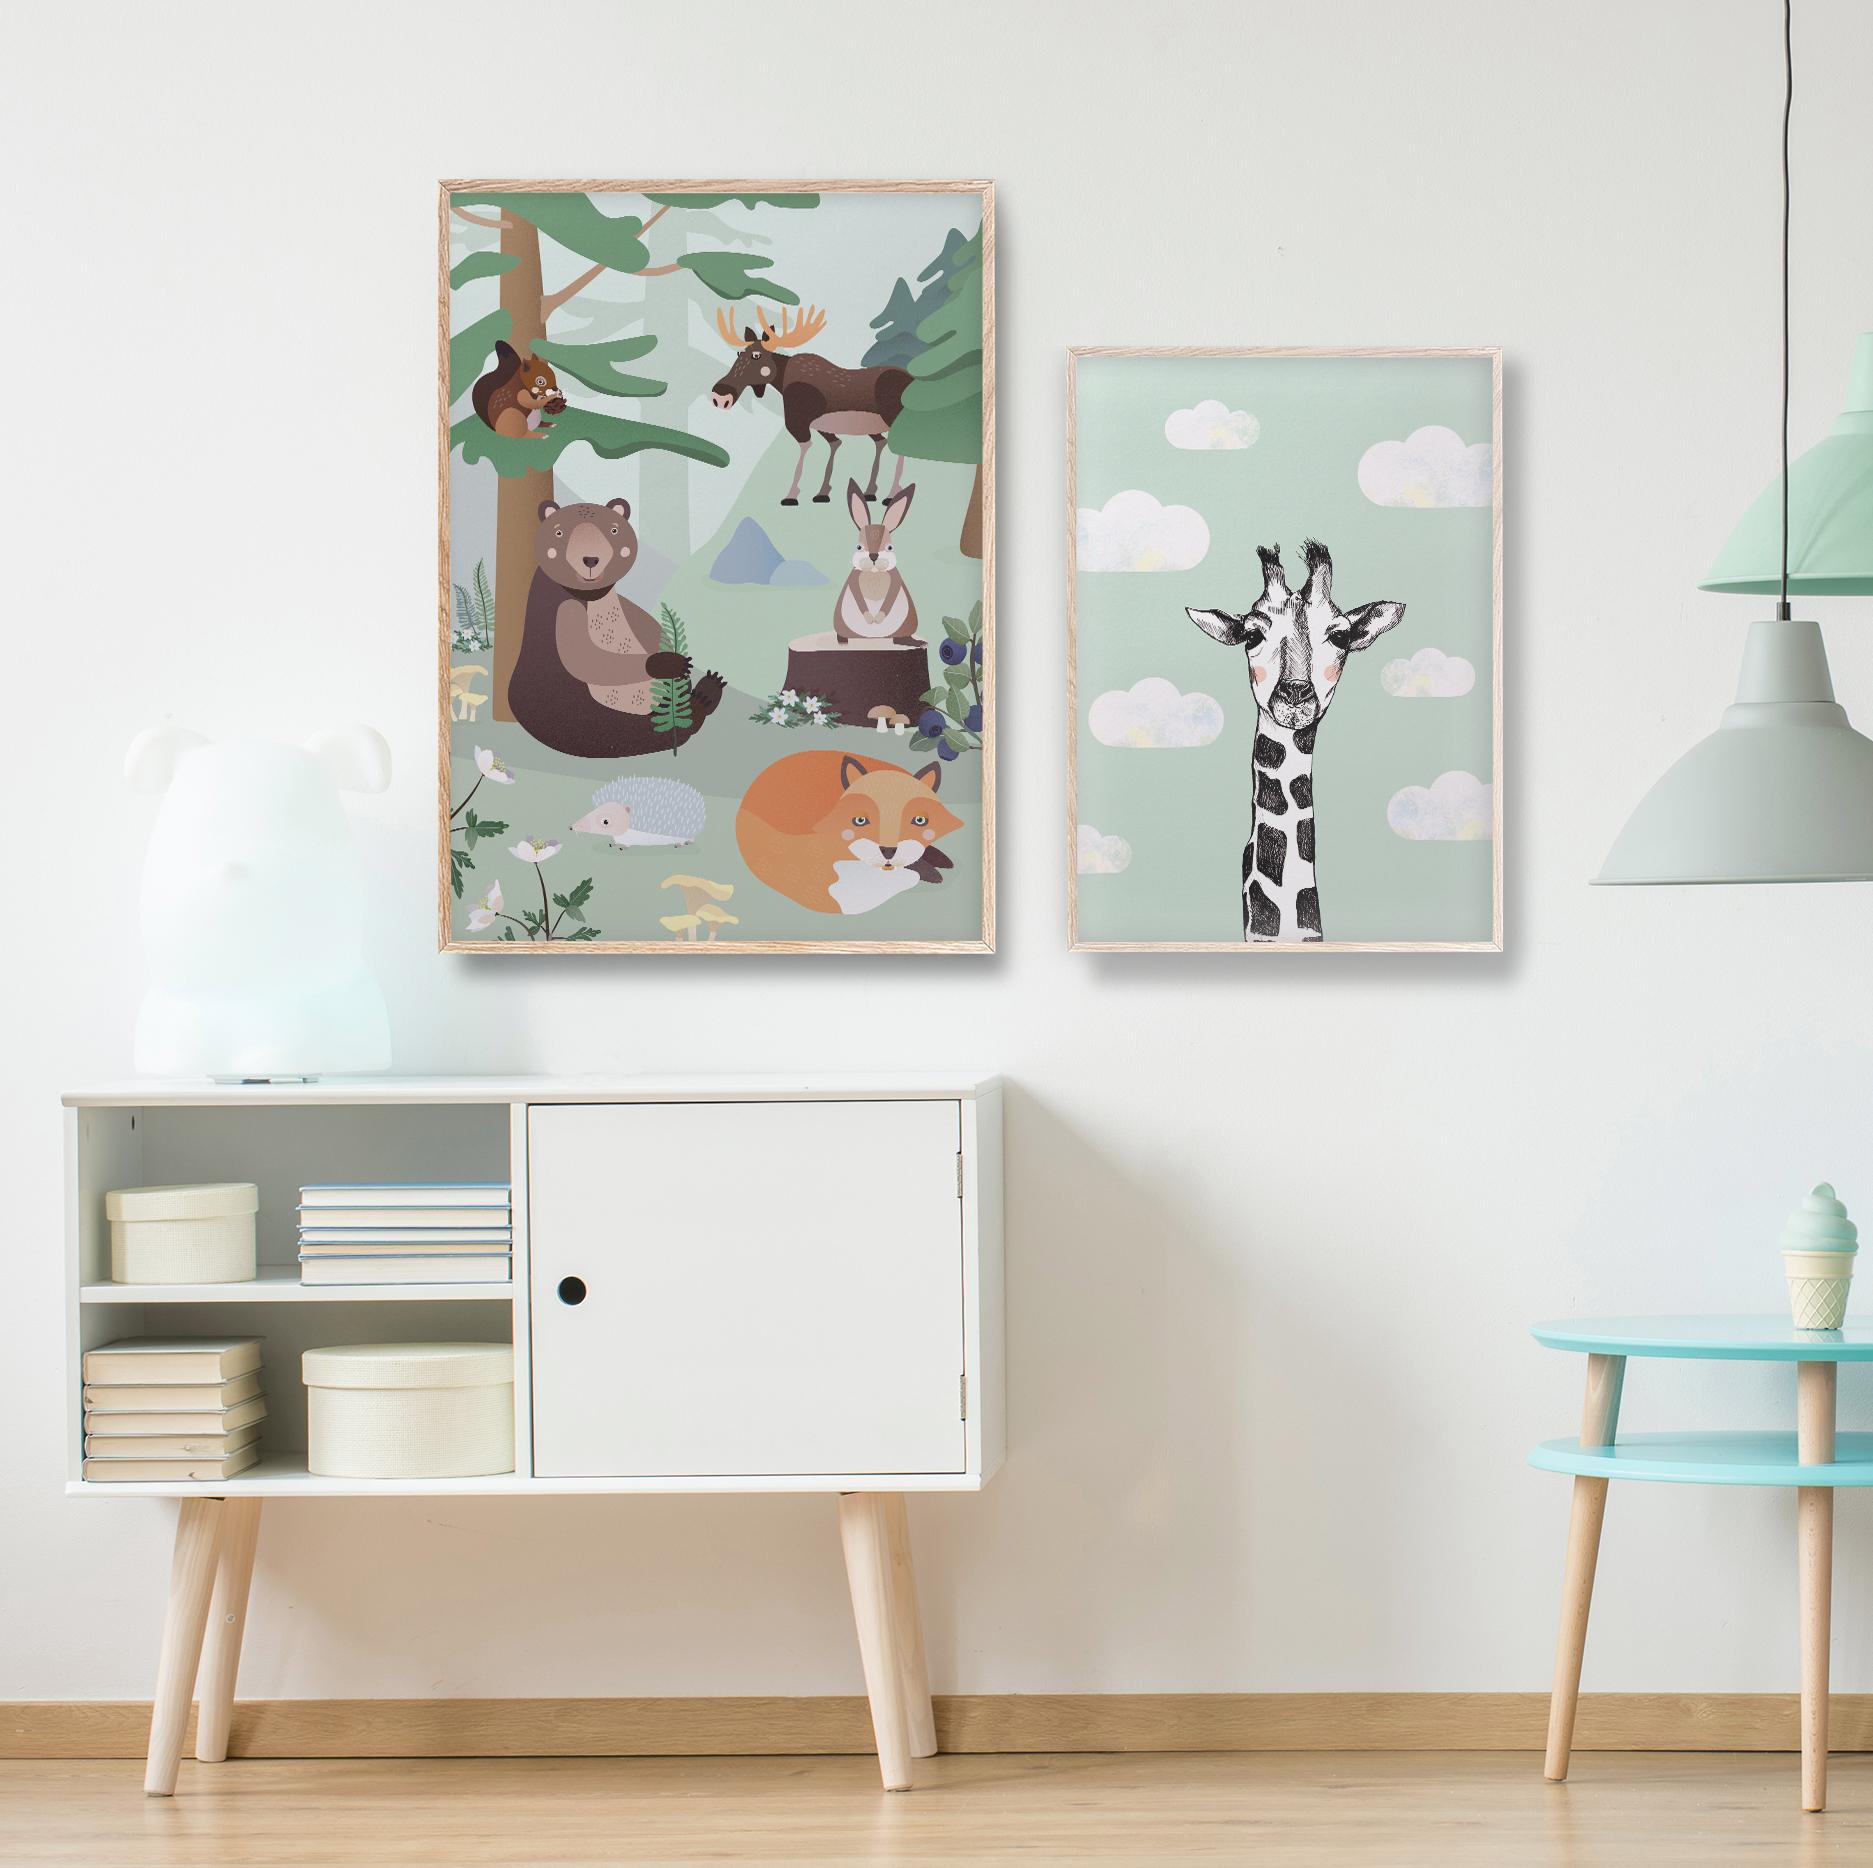 Barnerom | Skogsdyr plakat | Sjiraff plakat | Barnerom plakater interiør til veggen tilbehør | rammer | dyr | dyremotiv | bjørn | rev | pinnsvin | ekorn | elg | dåp | gavetips illustrasjon pastell Ohoi Studio